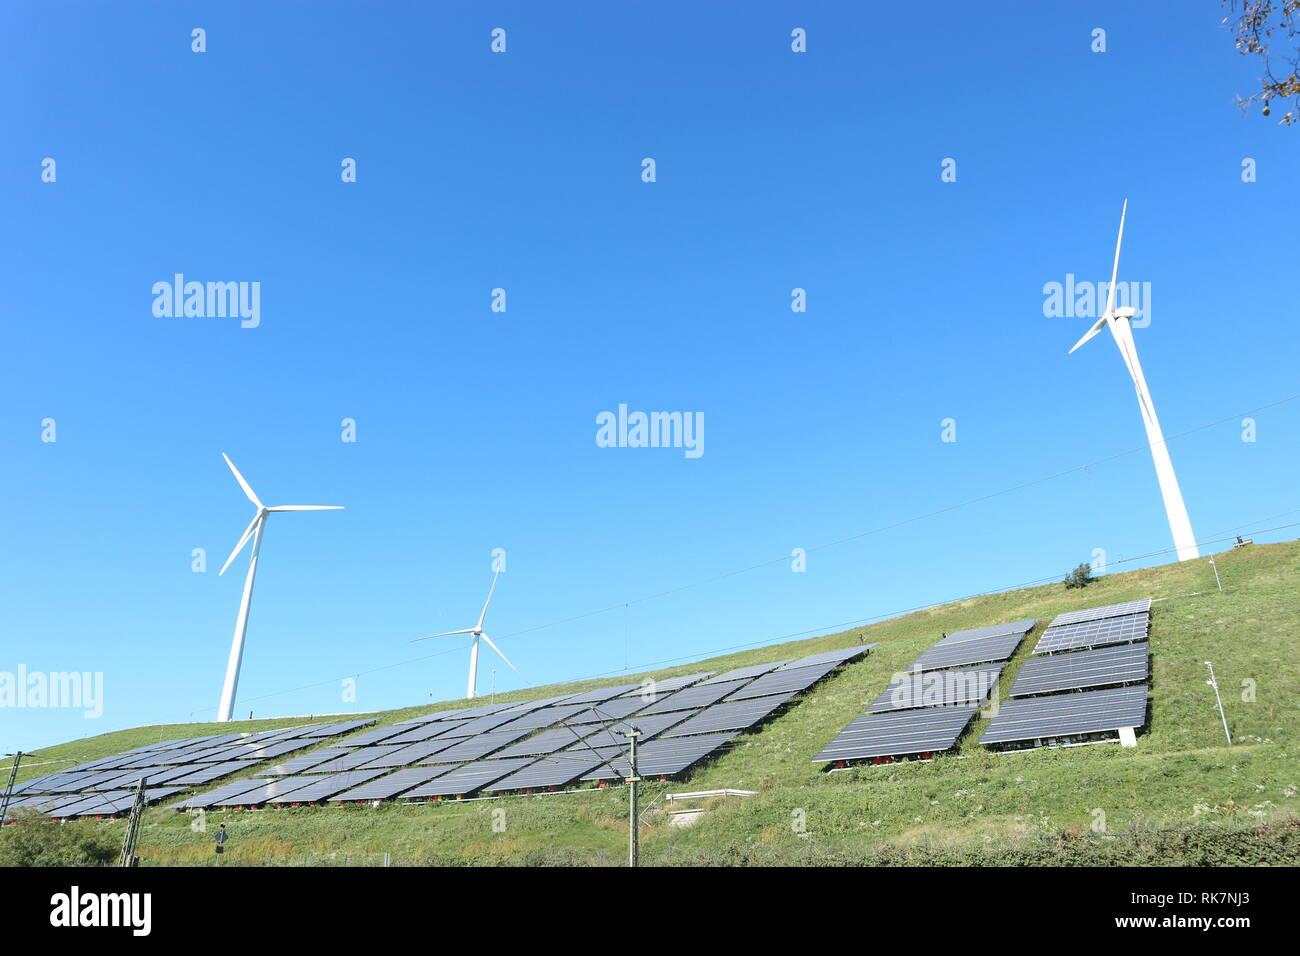 Enfouissement sanitaire restauré avec cellule photovoltaïque et éolienne Photo Stock